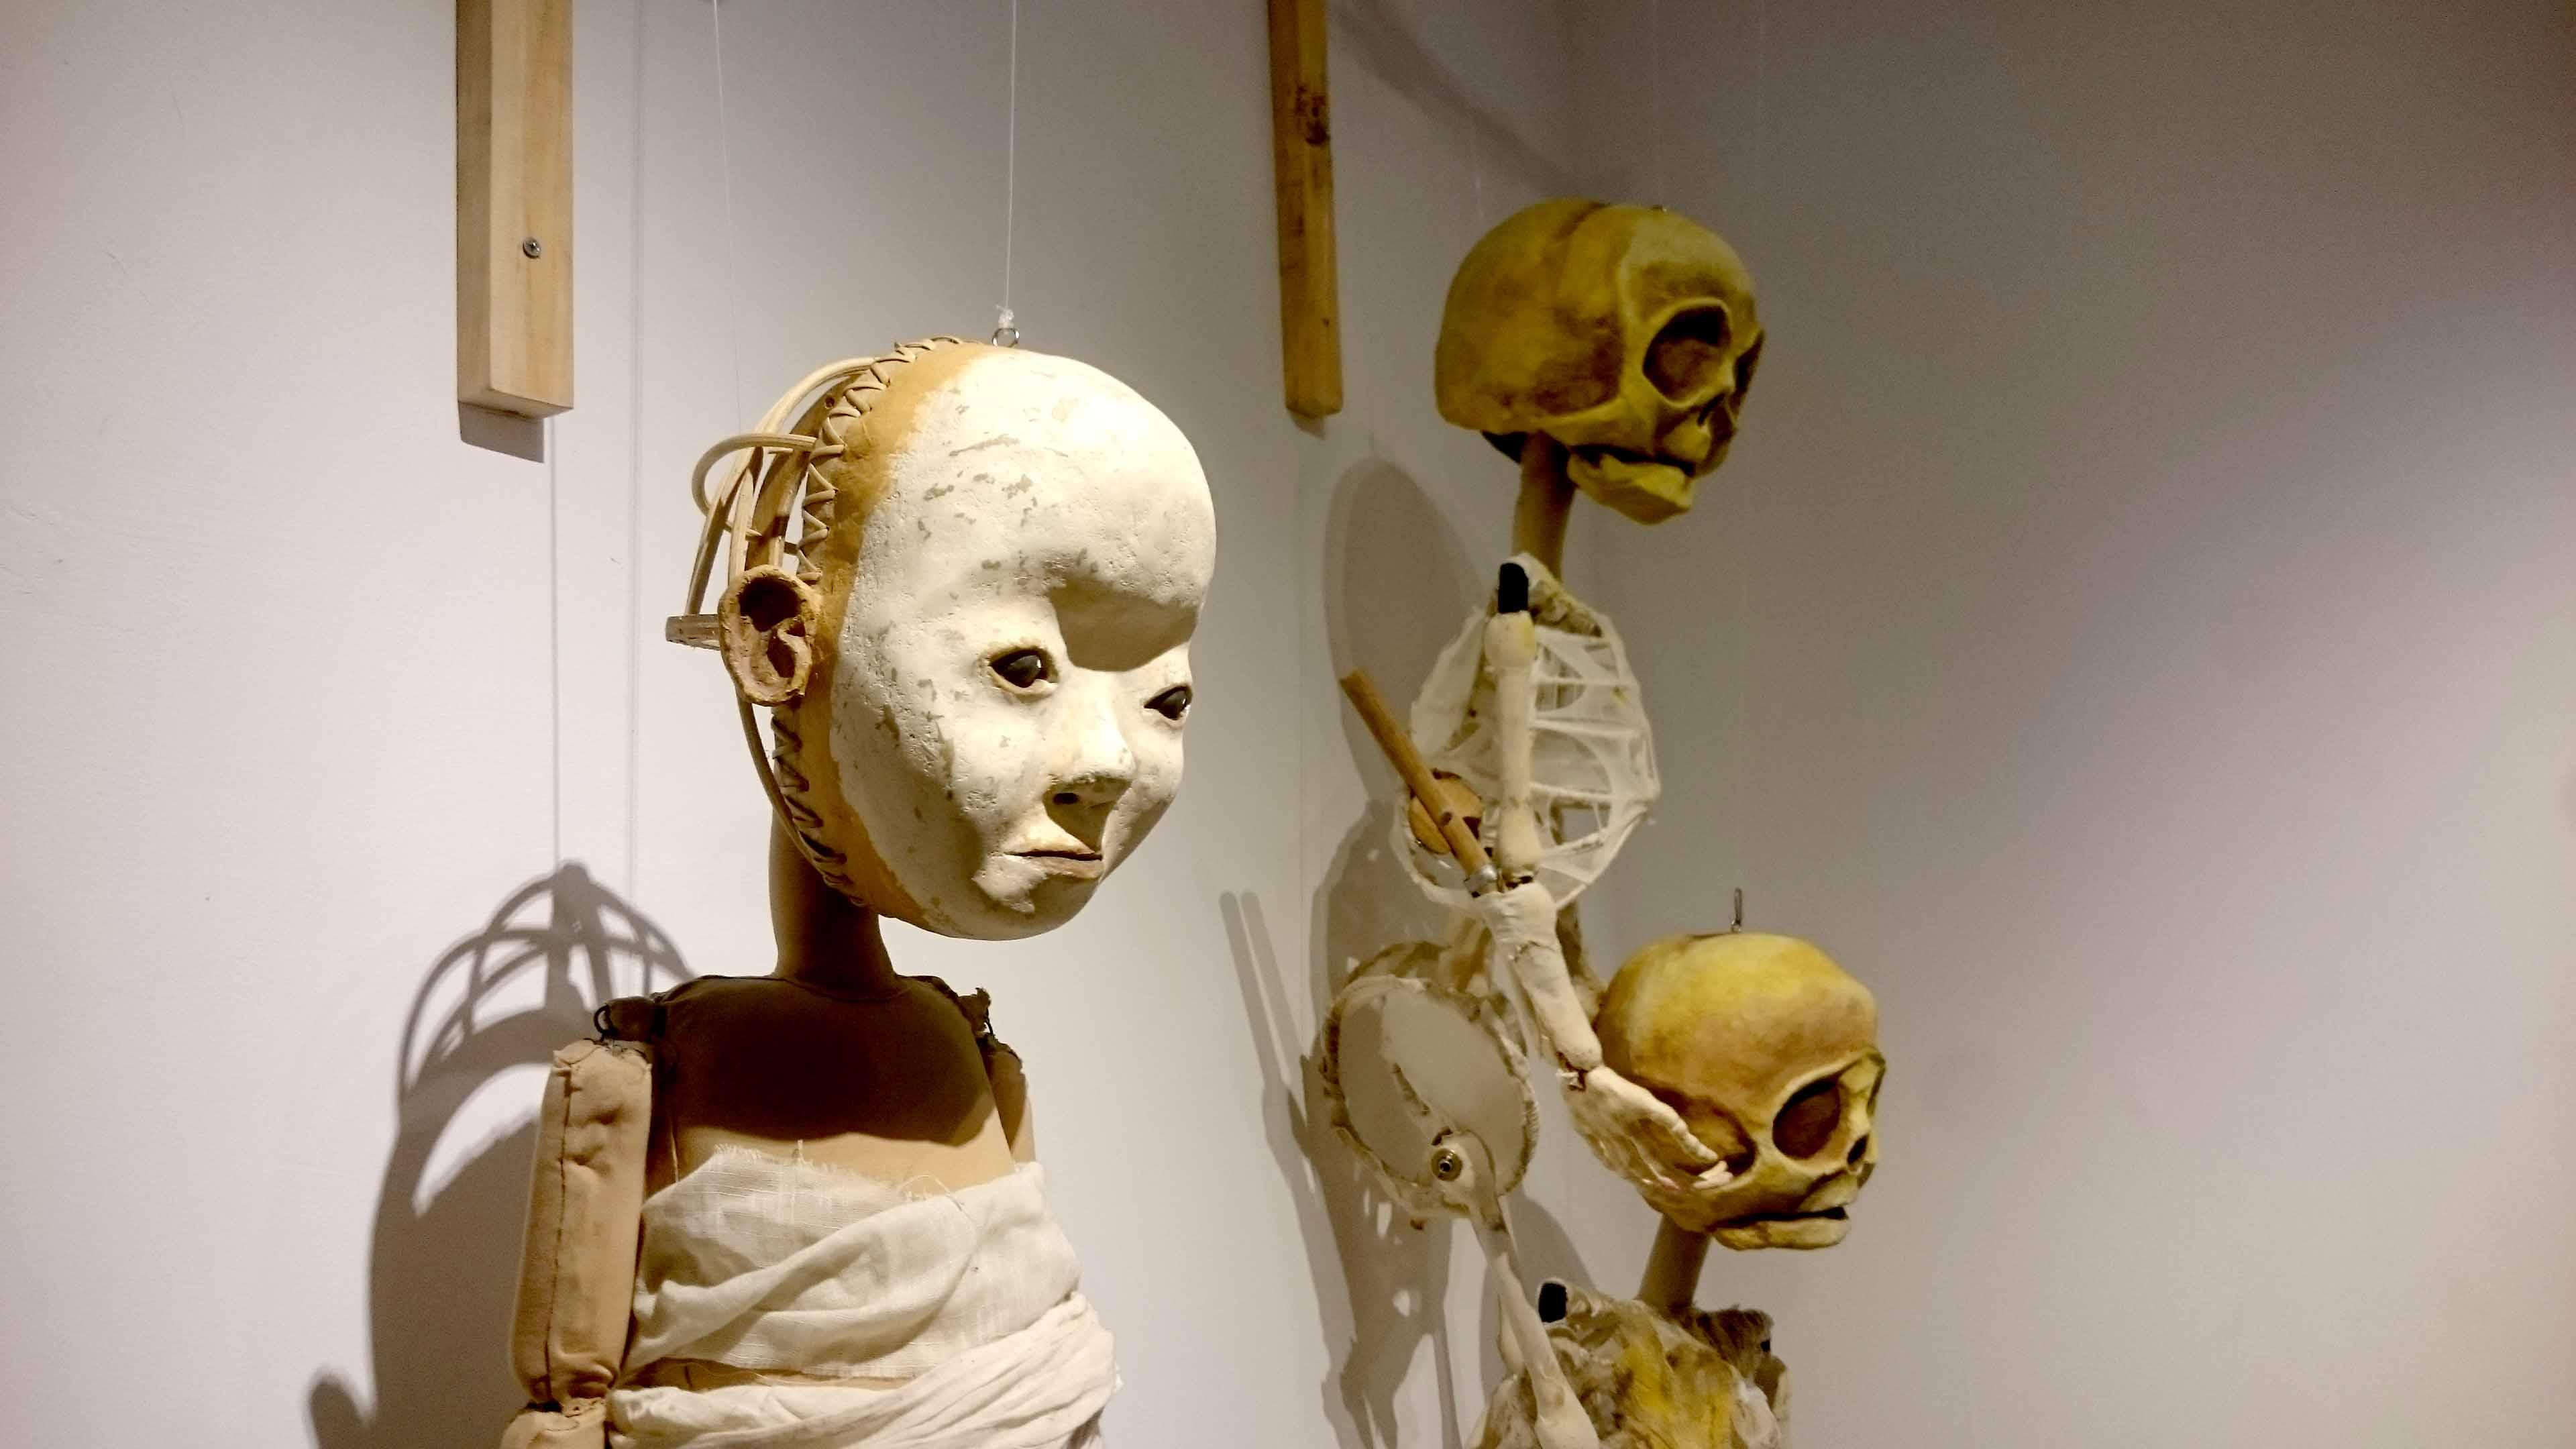 Boneka dalam karya Papermoon Puppet Theatre yang lain juga dipamerkan. (Foto: Renjana Widyakirana)